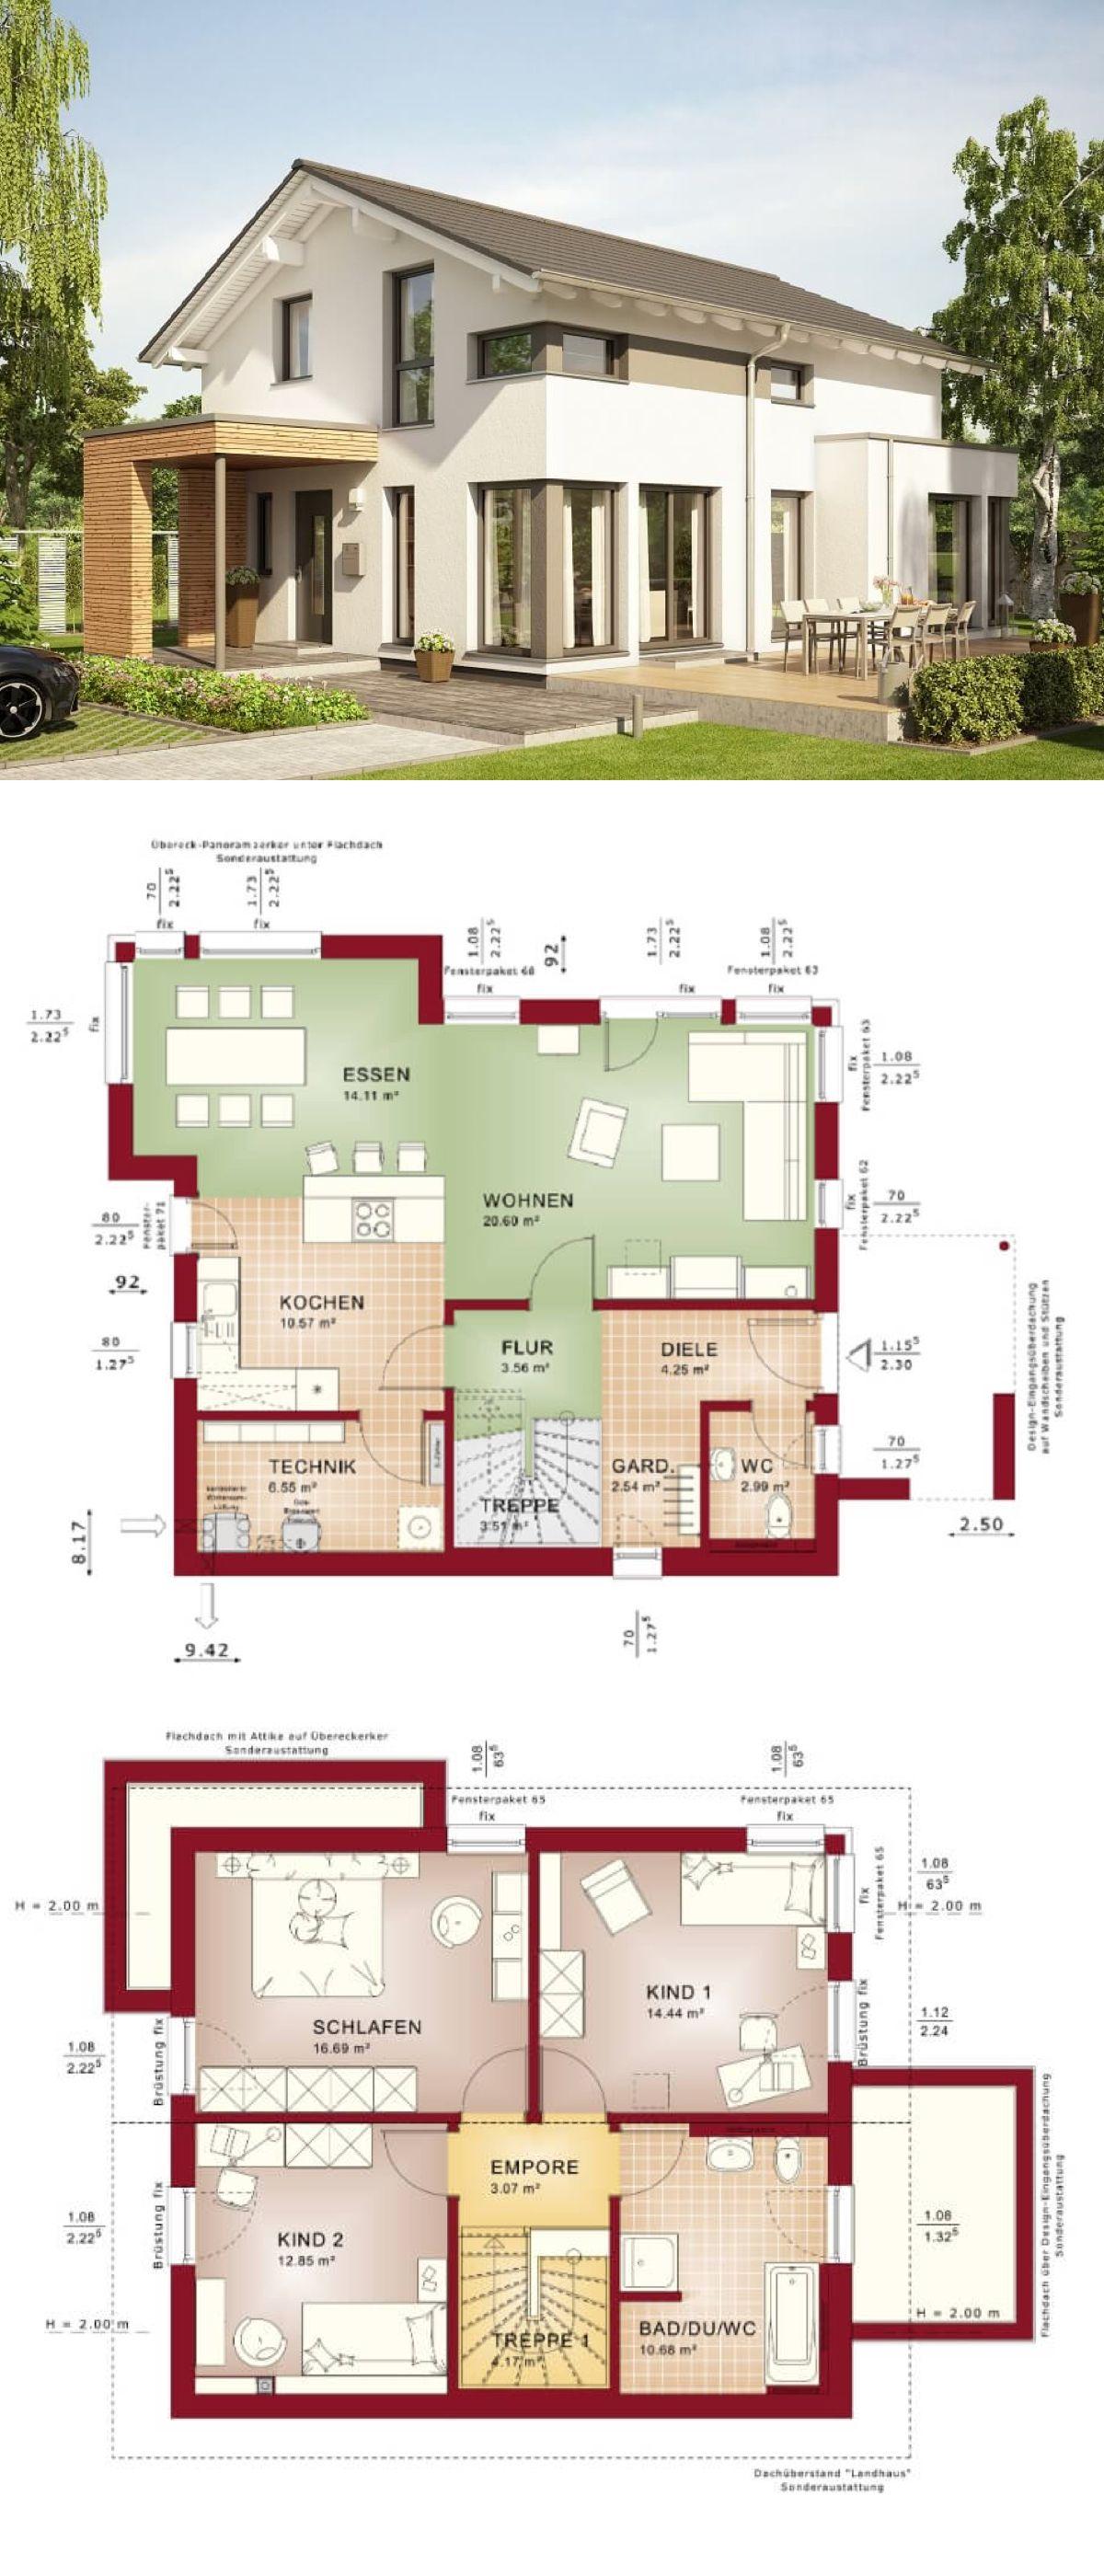 Modernes einfamilienhaus design mit satteldach architektur for Modernes einfamilienhaus grundriss